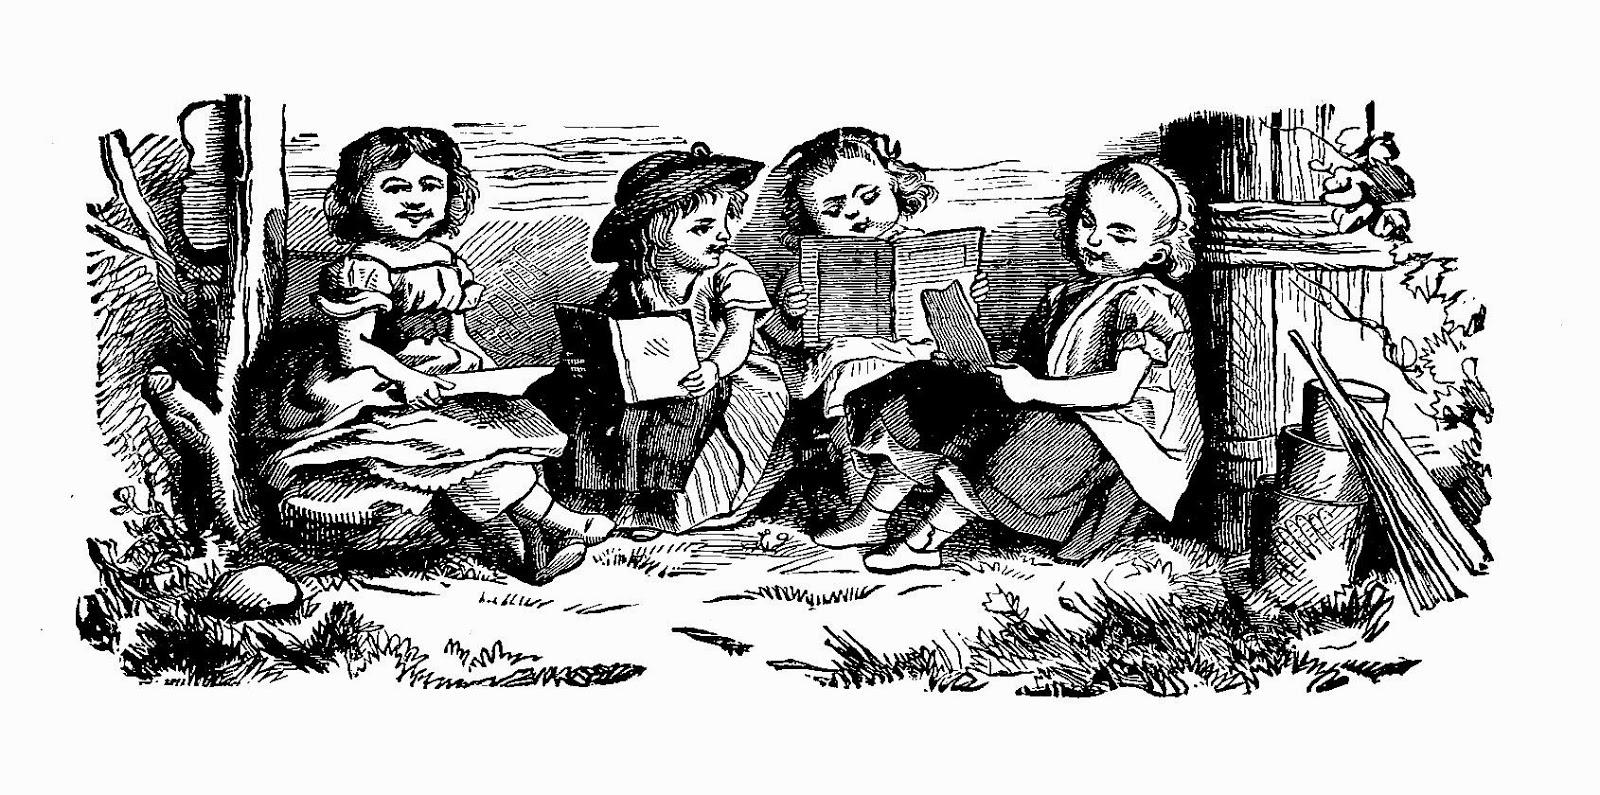 http://1.bp.blogspot.com/-9ick9nPmR5U/U4oNsNdH5kI/AAAAAAAAUIY/j-ez4obNkeY/s1600/4_girls_reading_books.jpg